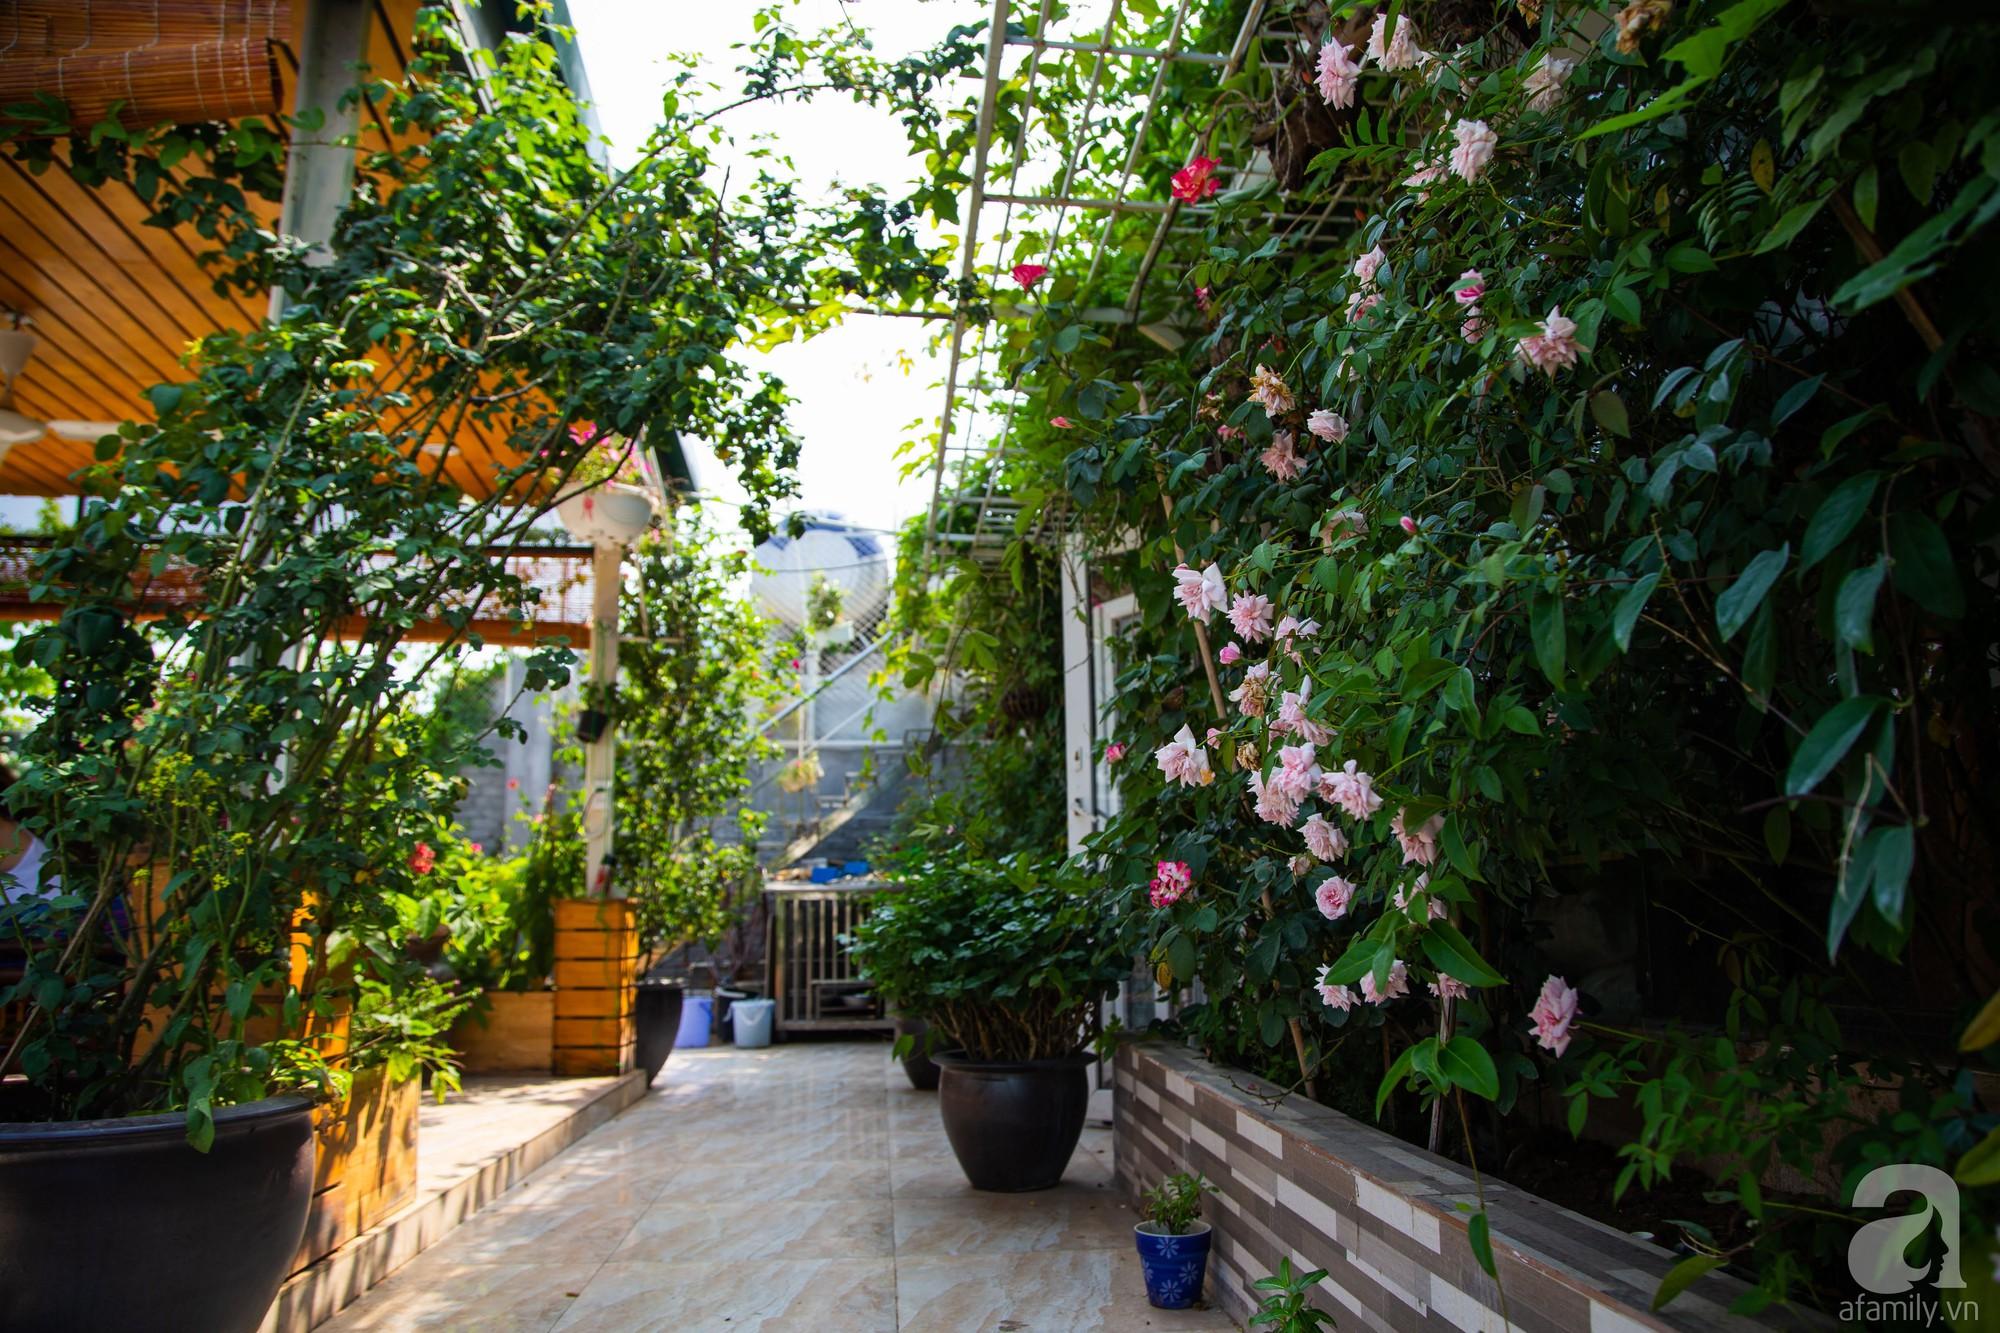 Khu vườn trên sân thượng rộng 200m² đẹp ngỡ ngàng với trăm loài hoa đua nhau khoe sắc ở Hà Nội - 7